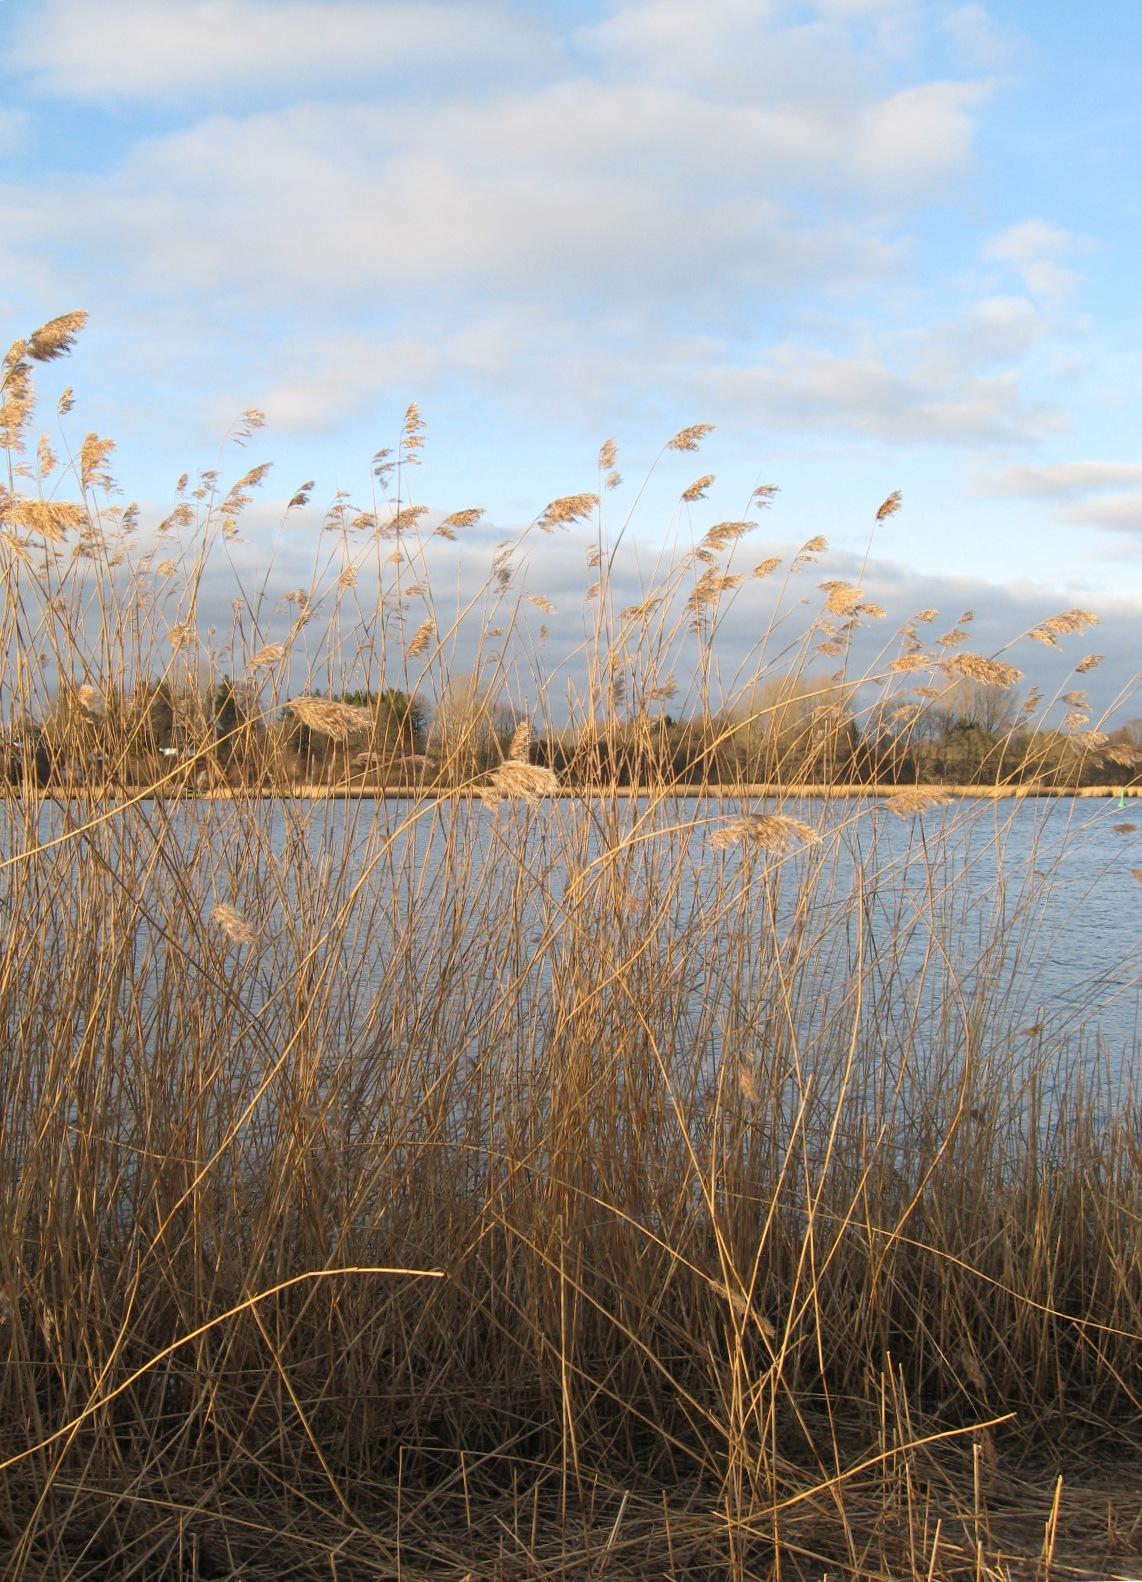 Ein paar spärliche hellbraun-gelbliche Schilfhalme vor blauer Wasserfläche, dahinter ist das andere Ufer zu sehen.